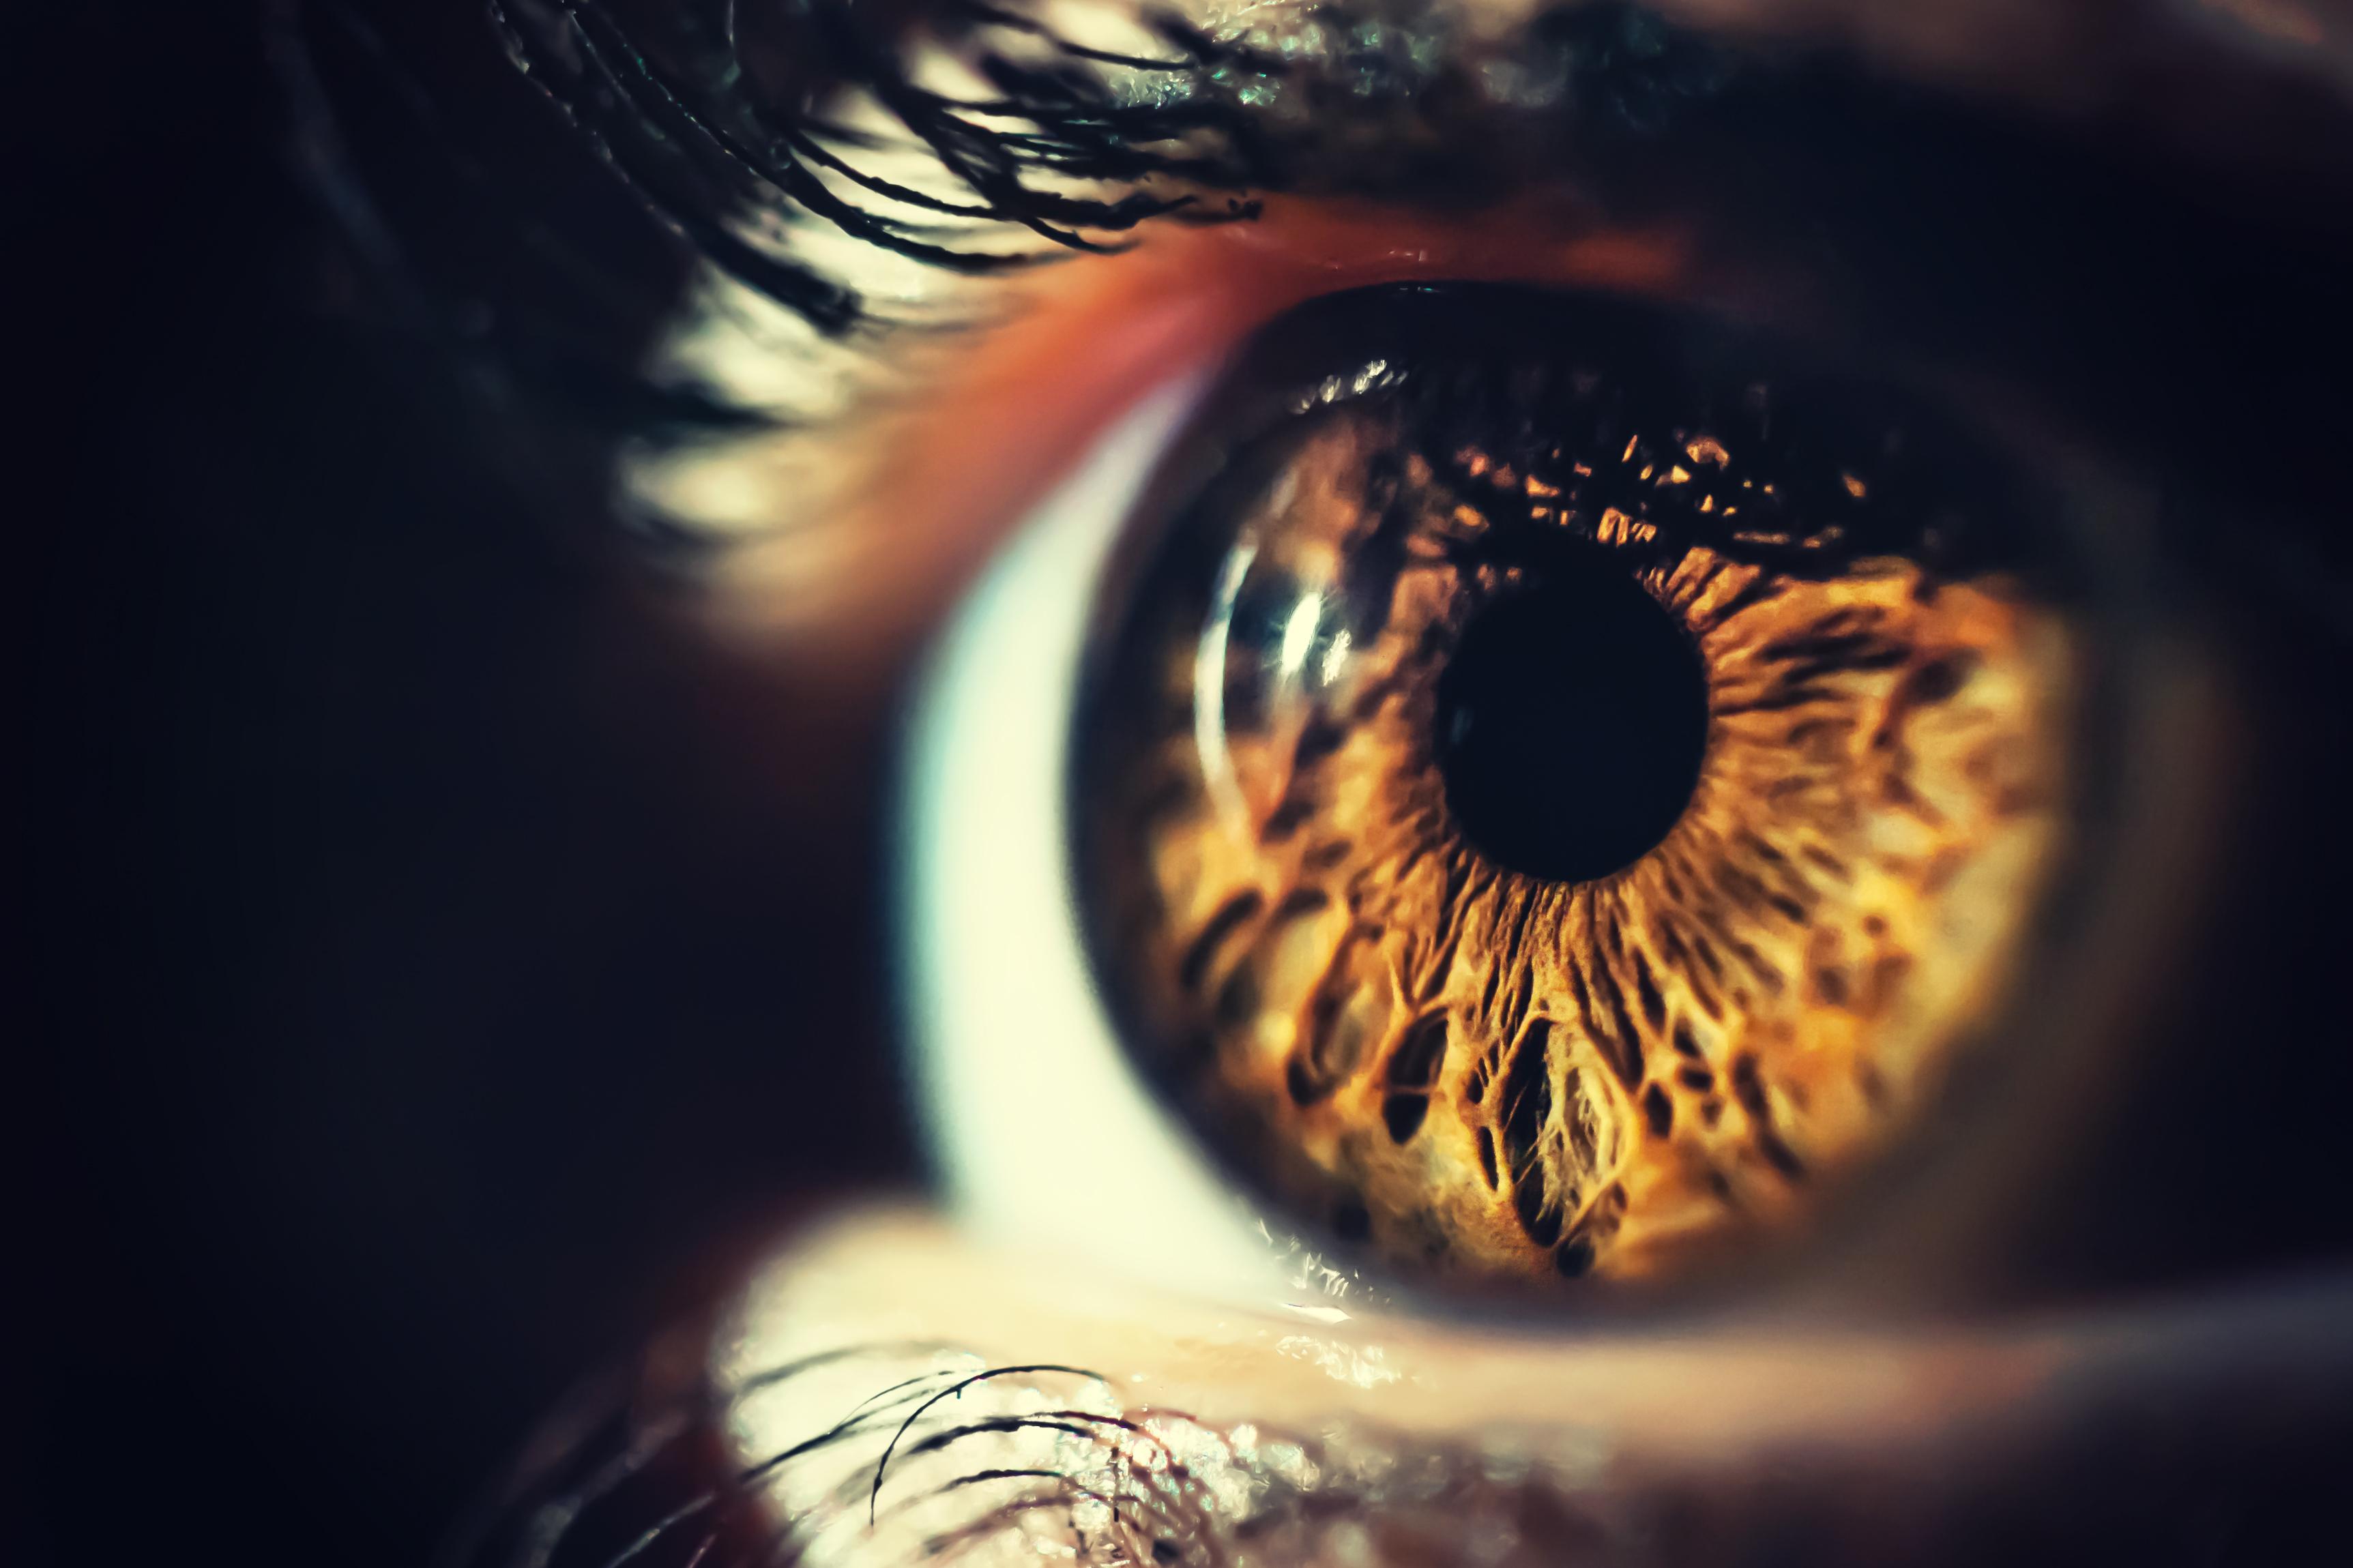 Ver bien no es tener una buena visión